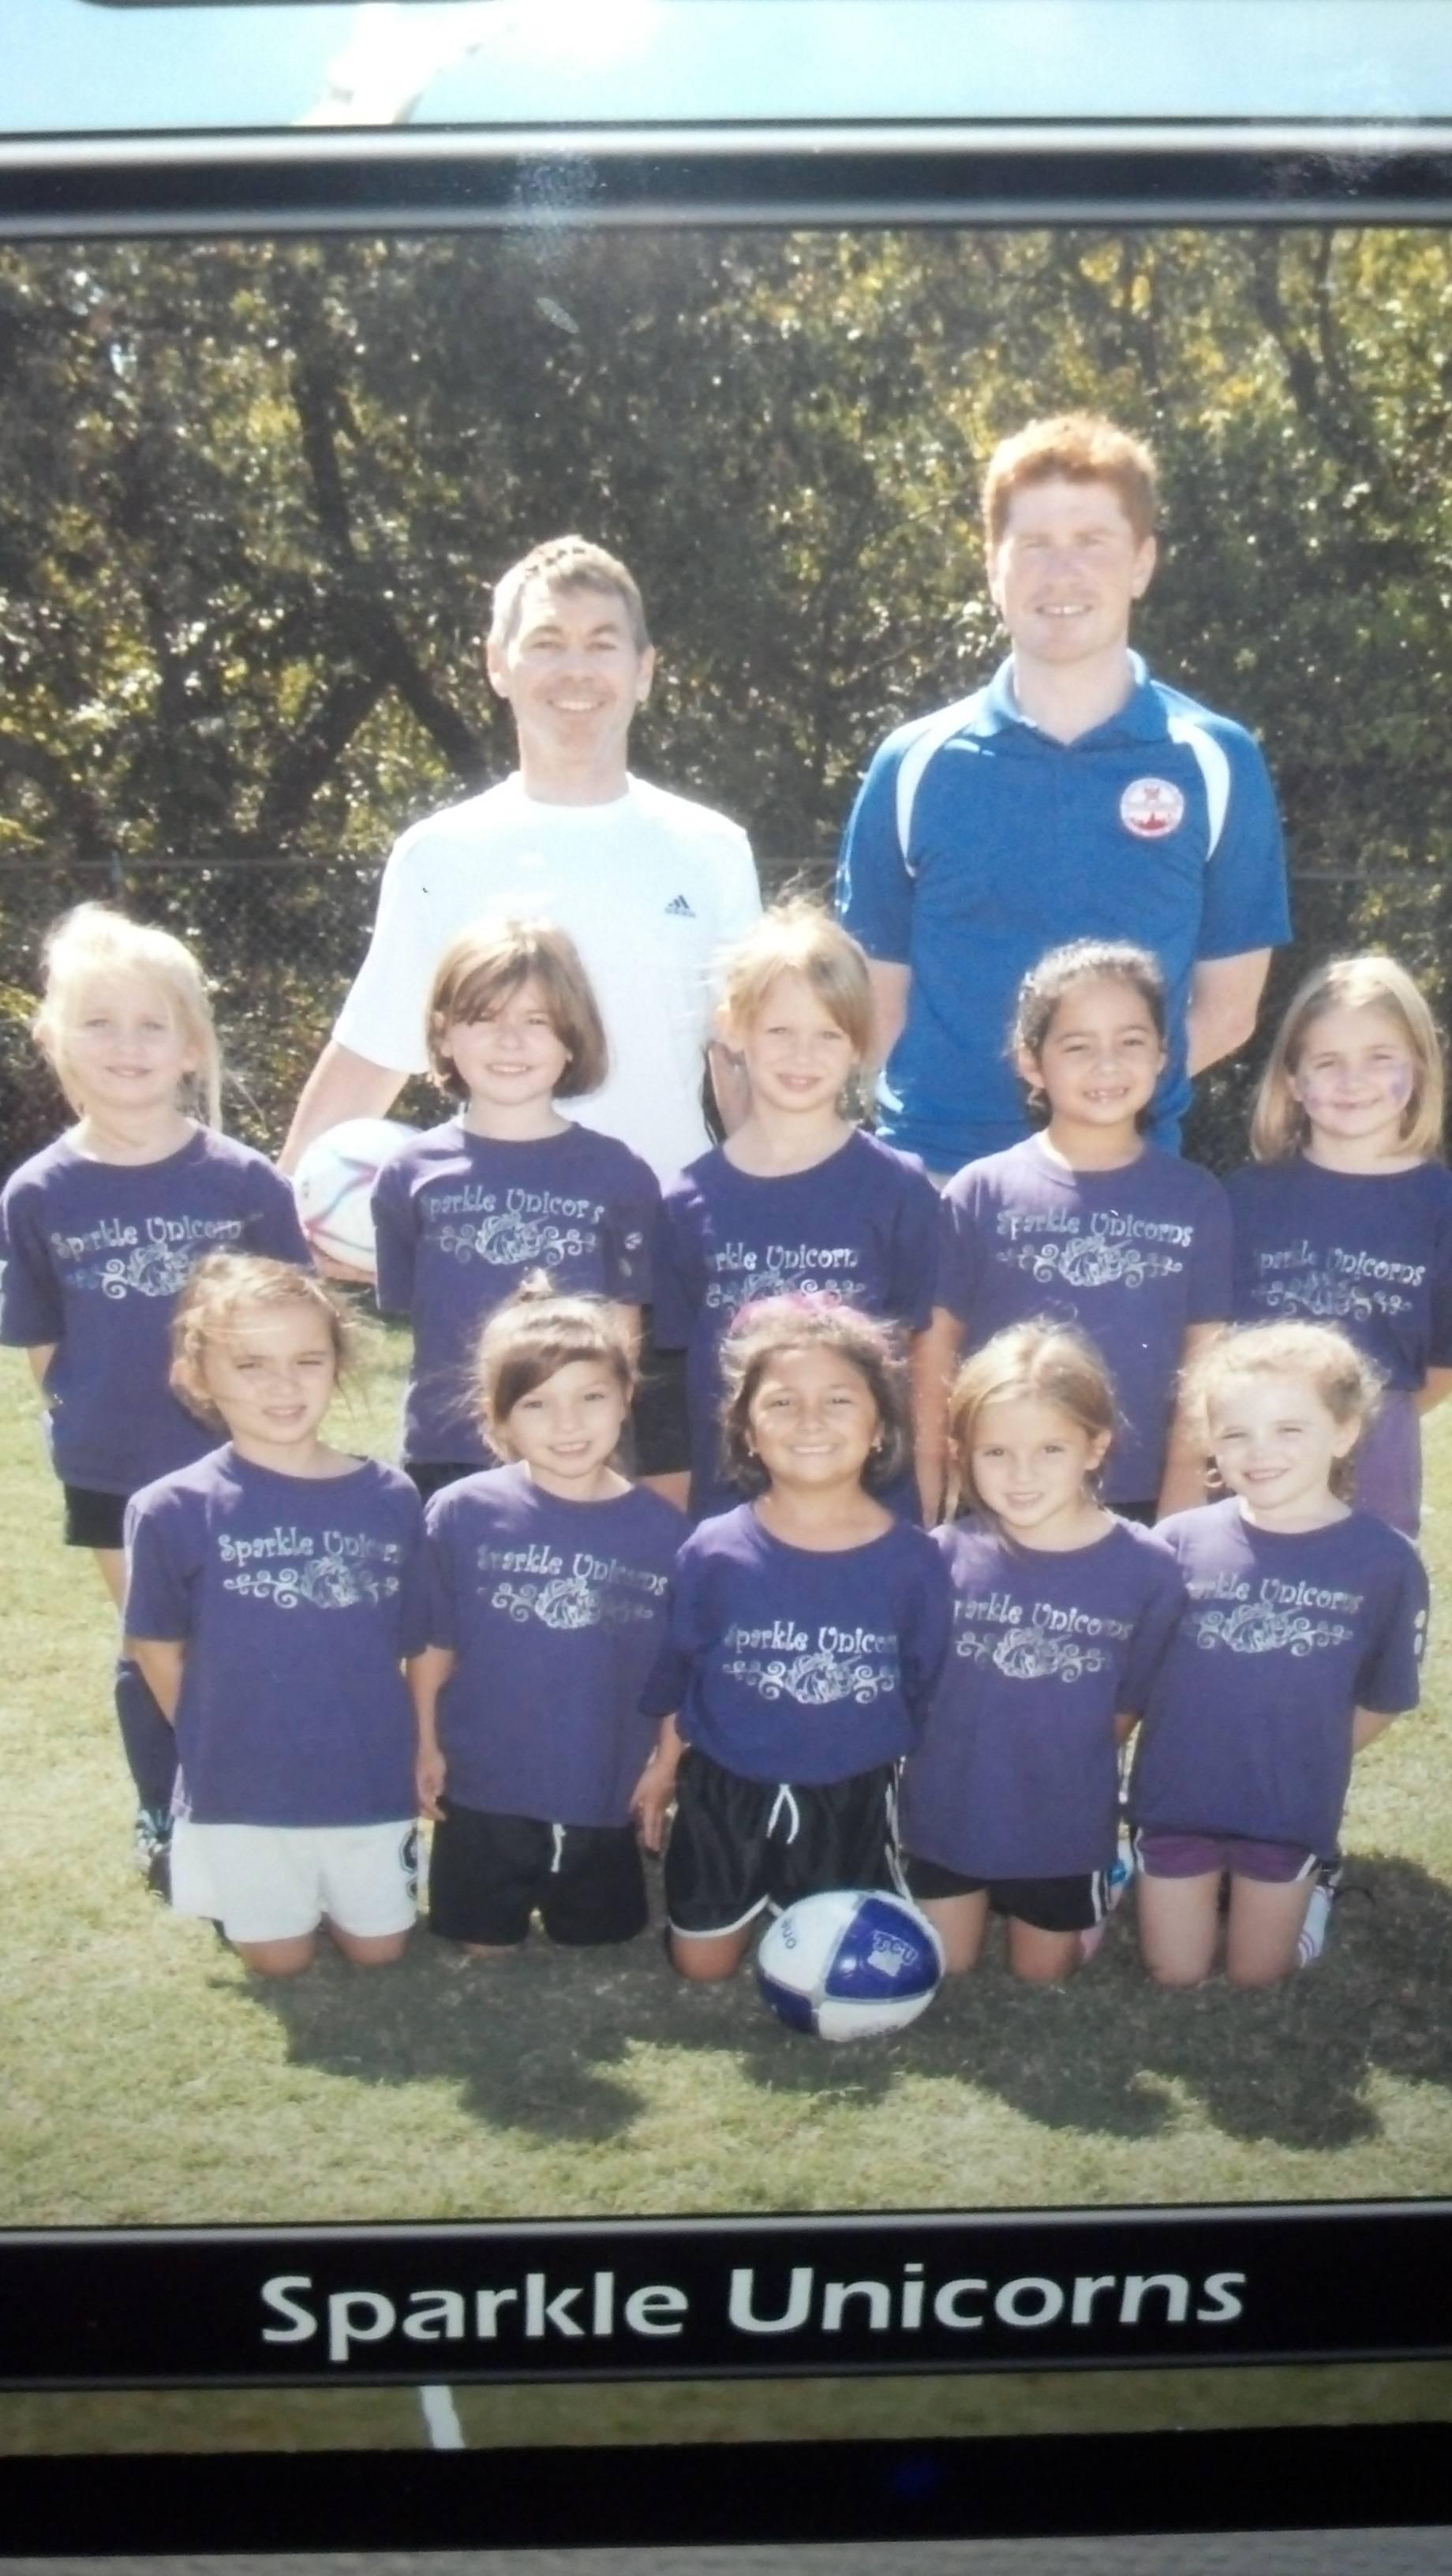 Si-au facut o echipa de fotbal de fete si le-au lasat sa-si aleaga numele. Ce si-au pus pe tricouri